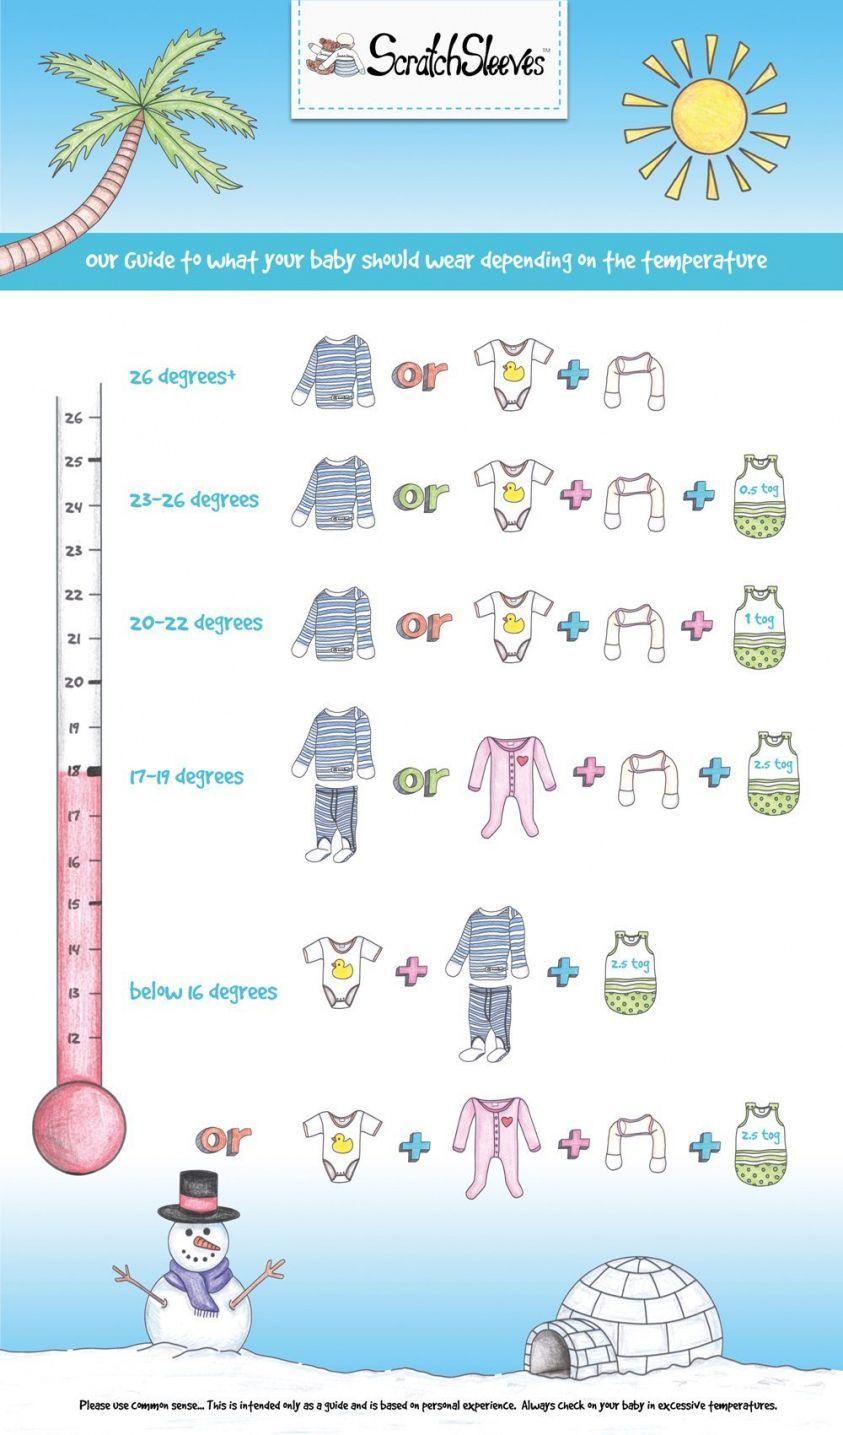 Baby Room Temperature Clothing Guide Baby Baby Clothes To Room Temperature Clothes Clothing Guide Temp Eccema Infantil Bebés Durmiendo Nuevos Bebés